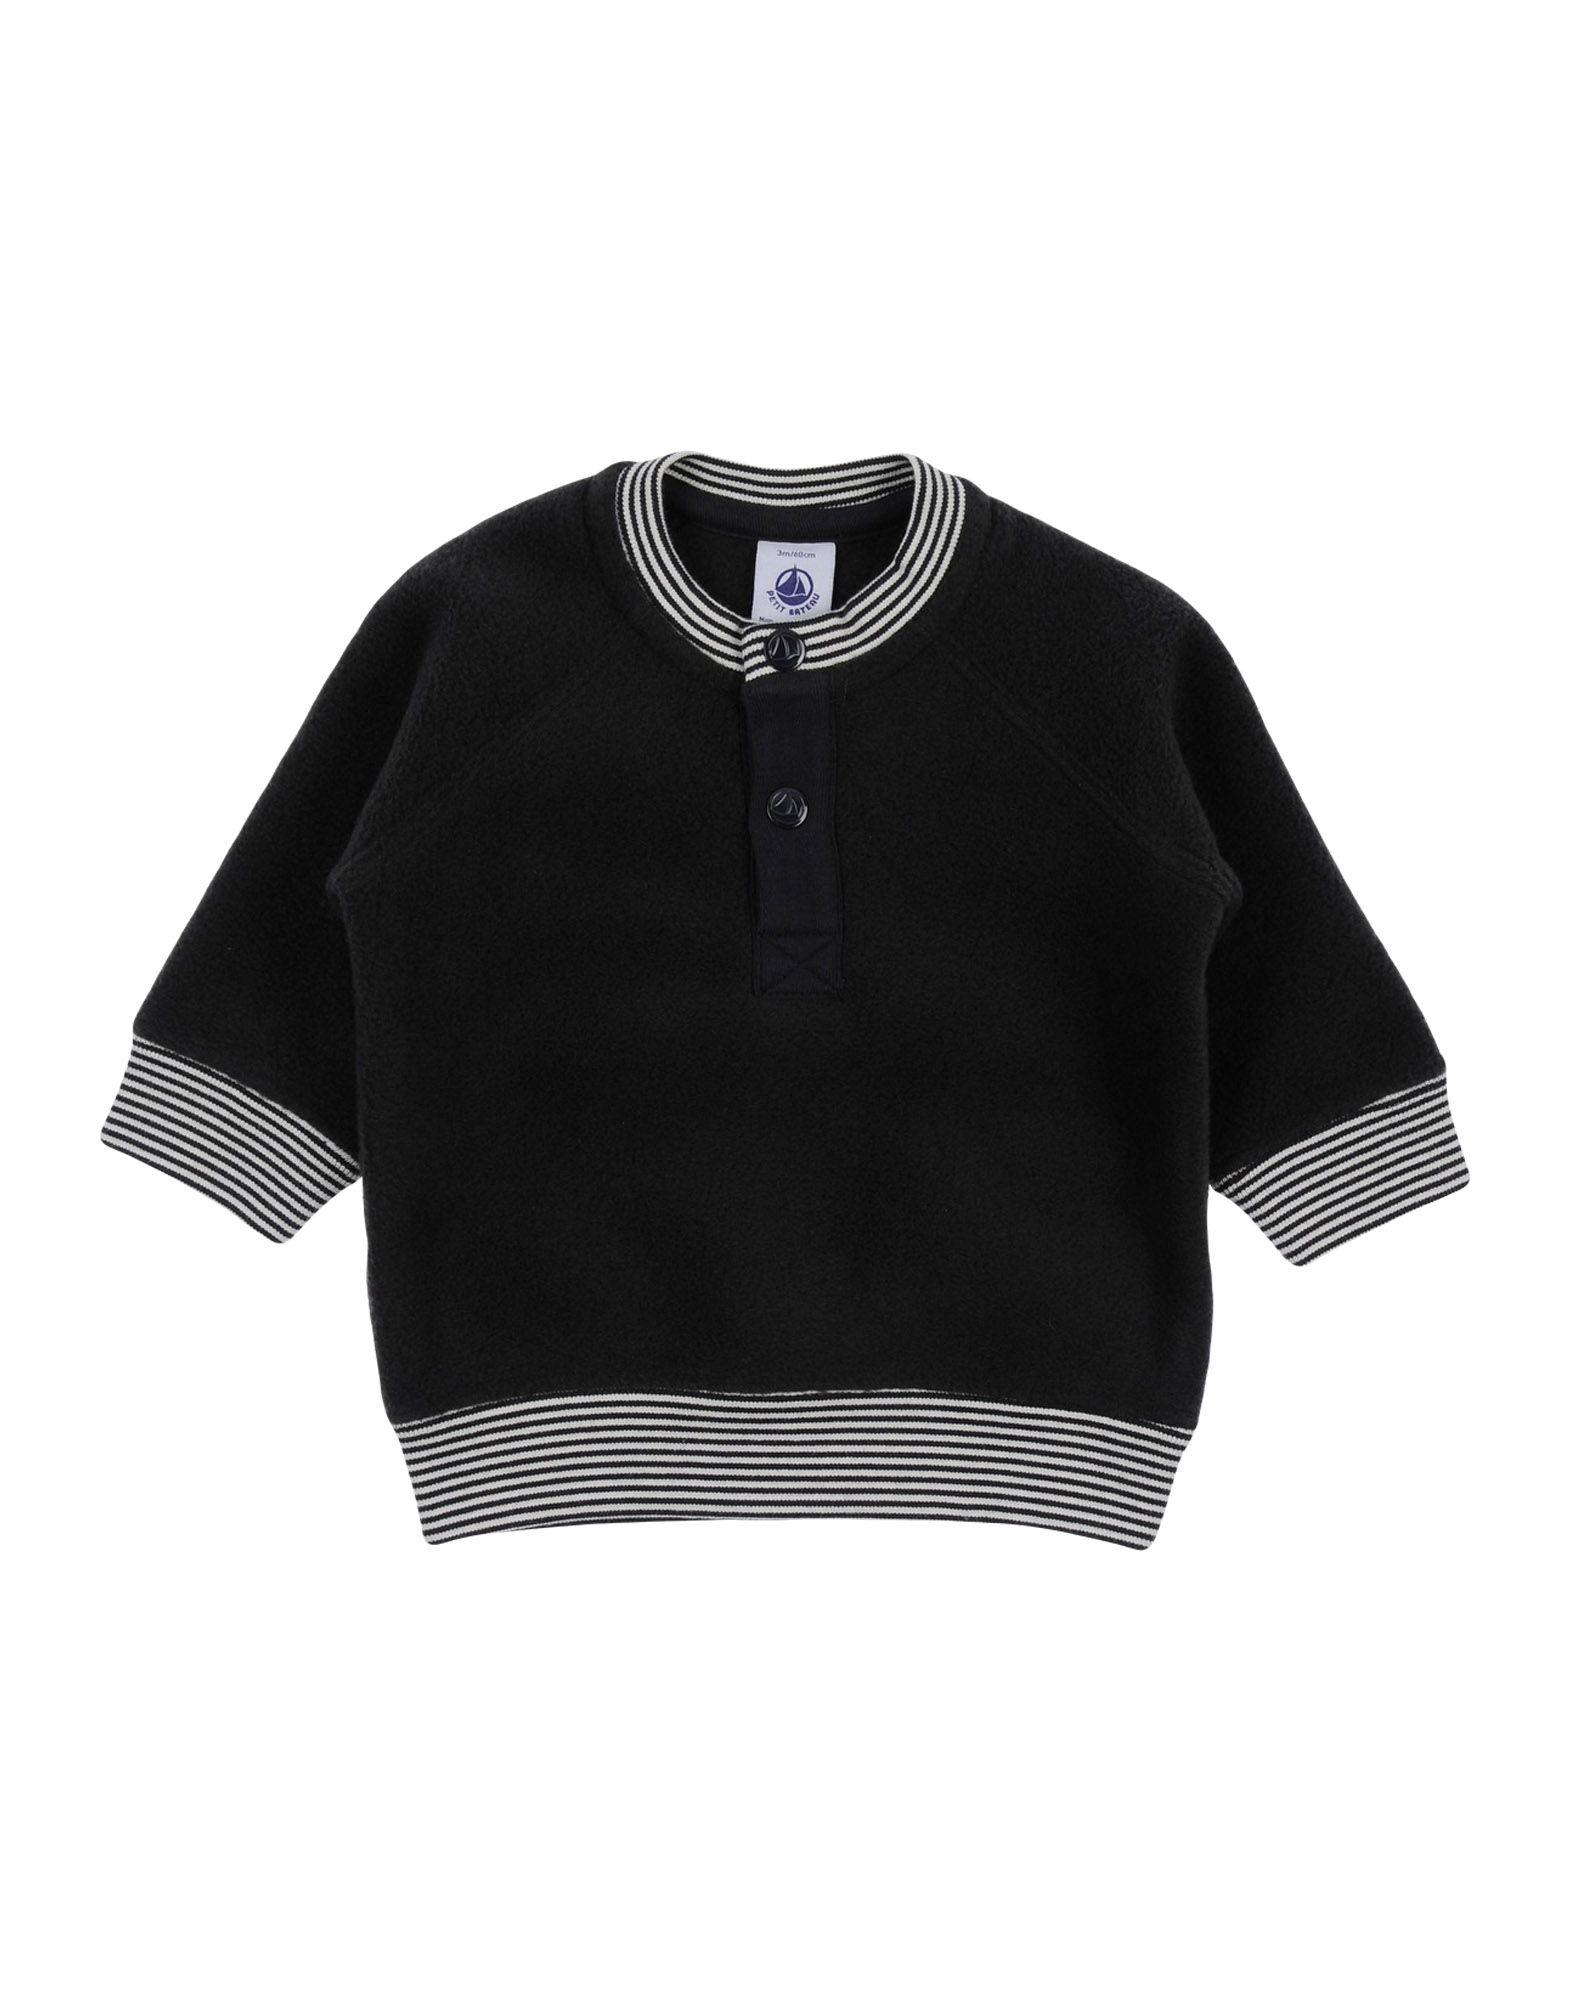 PETIT BATEAU Sweatshirt in Lead